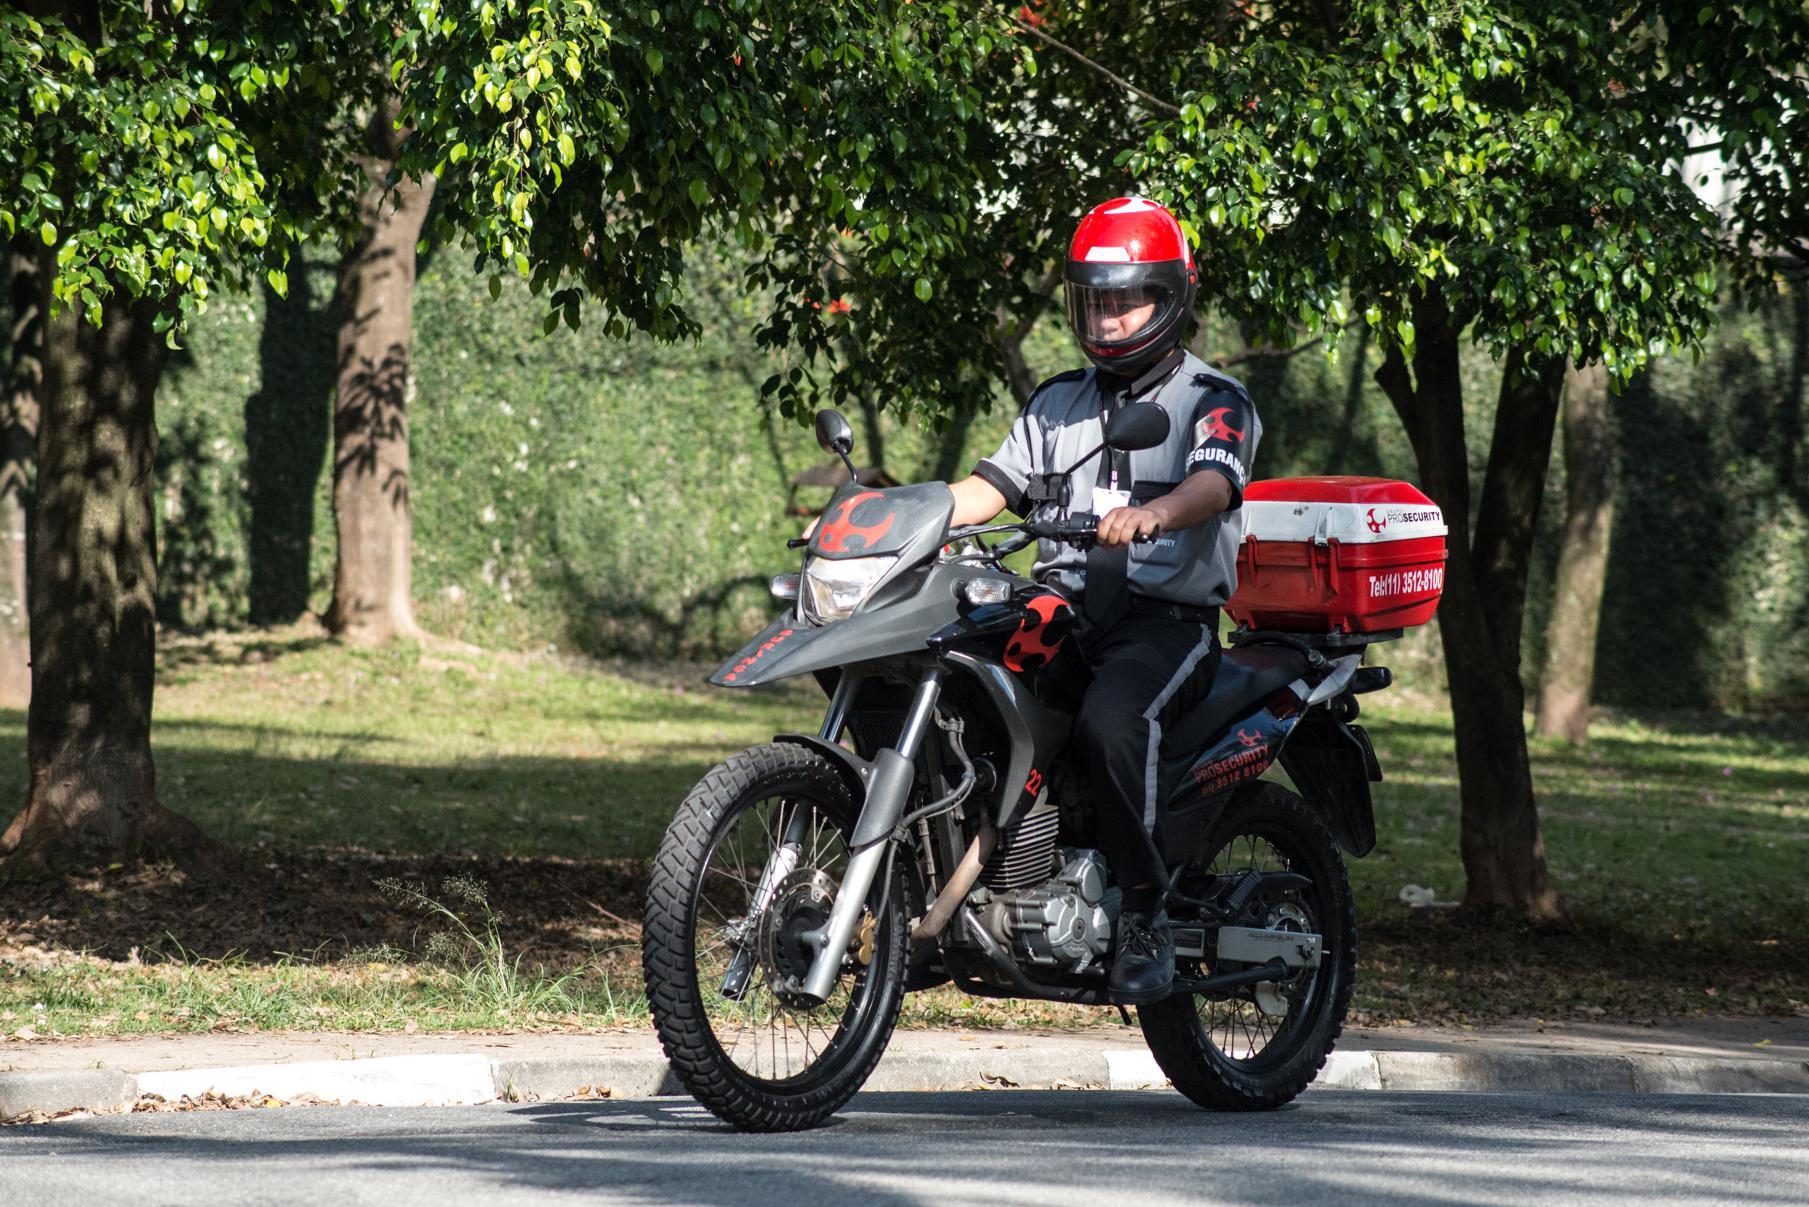 Ronda motorizada: indispensável para a eficiência do serviço de segurança